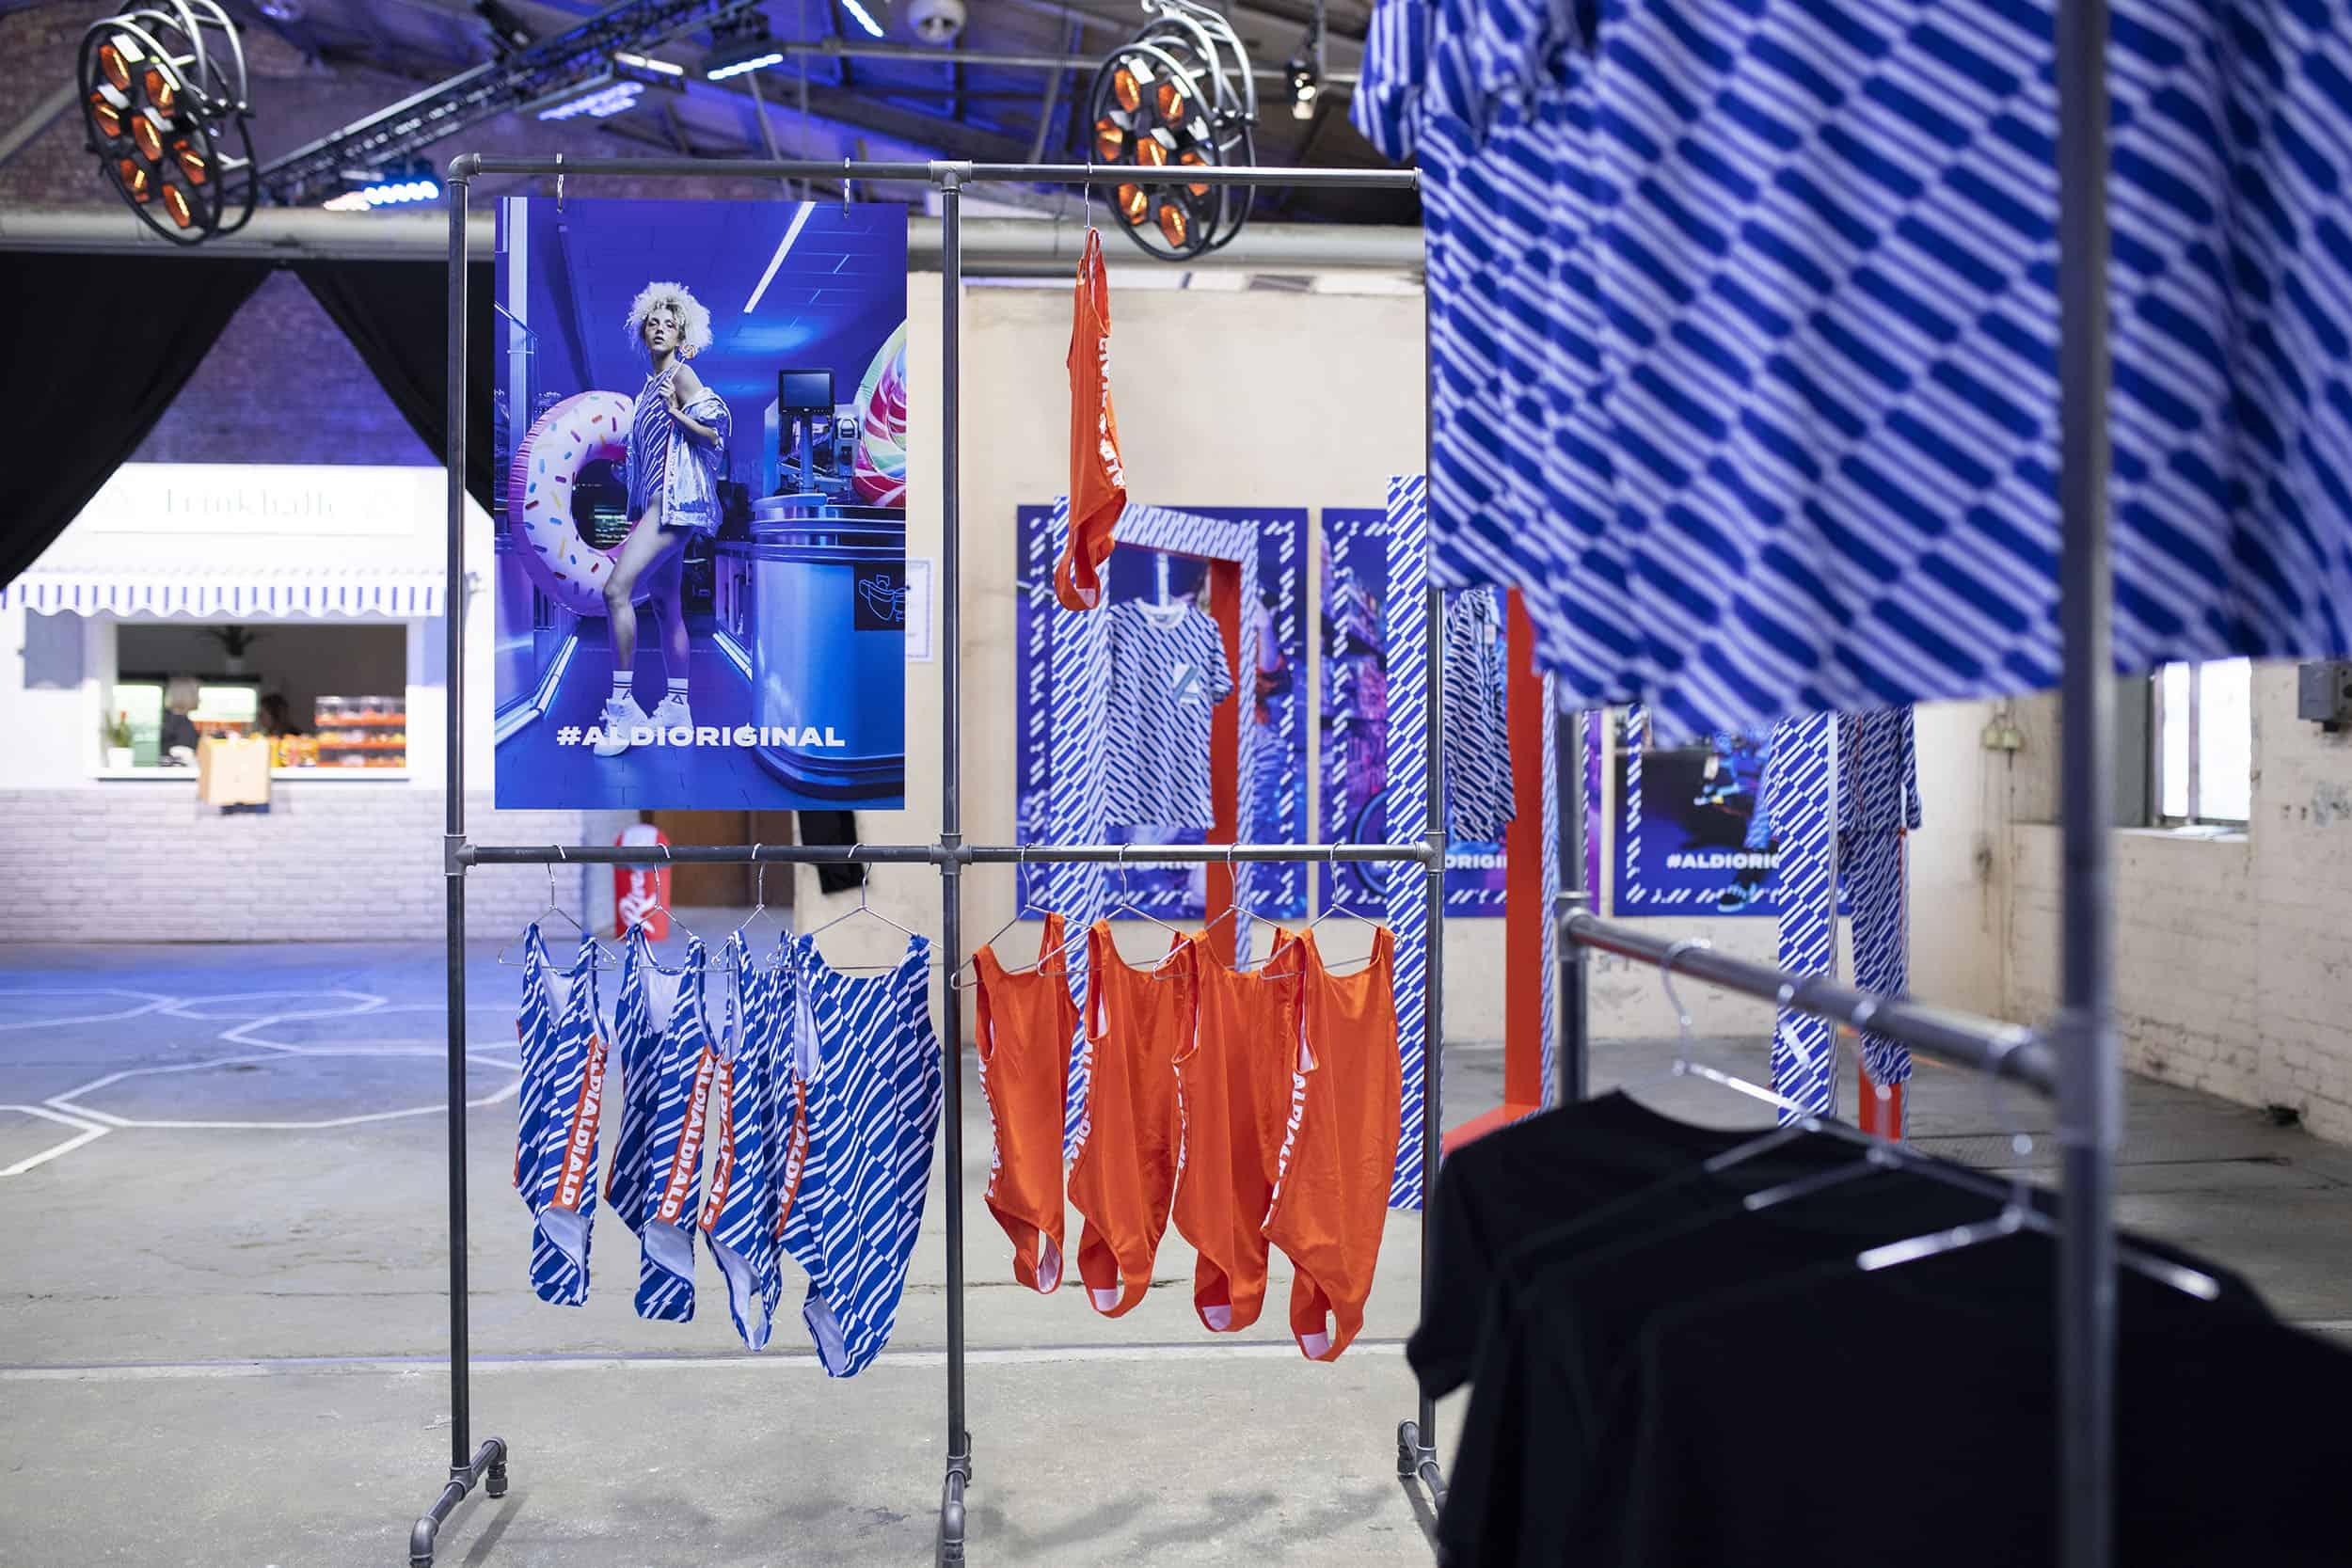 studio_ignatov_aldi_nord_original_fashion_event_02